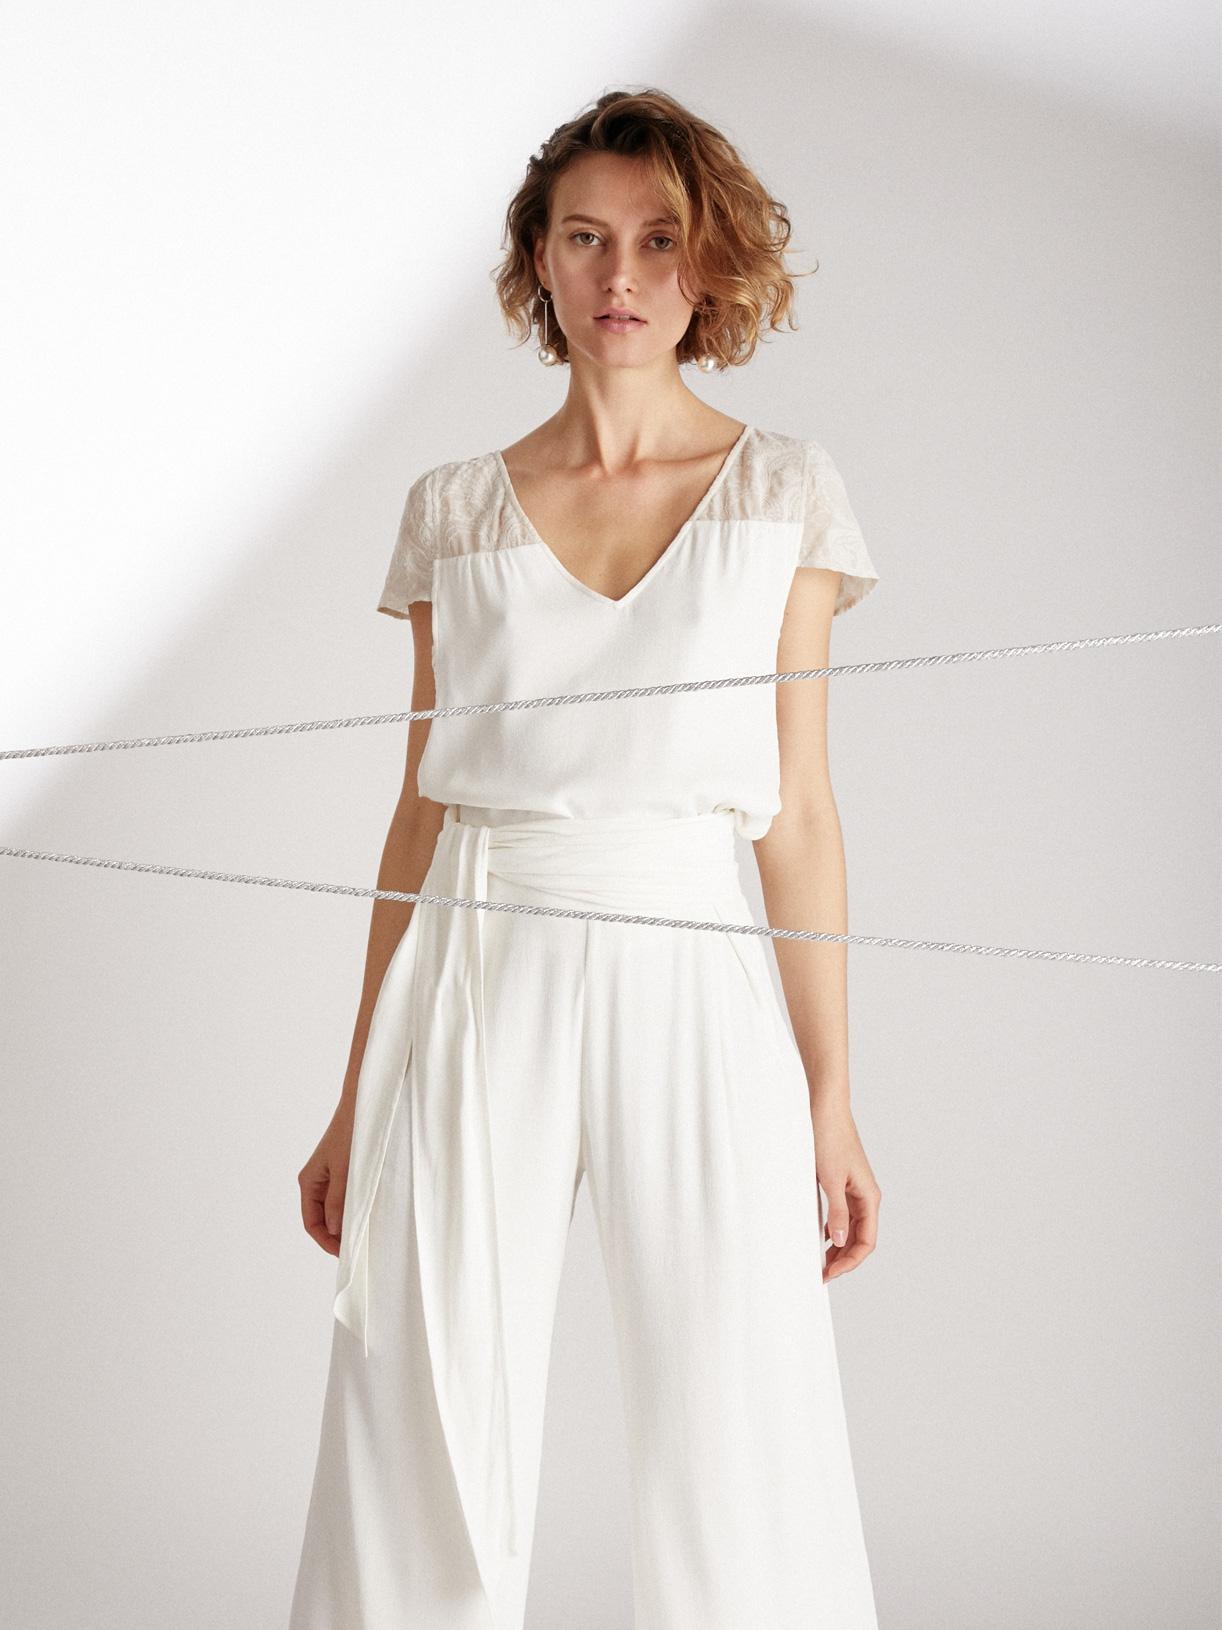 Blouse de mariée dentelle écoresponsable - Creatrice de robe de mariée éthique et bio a Paris - Myphilosophy